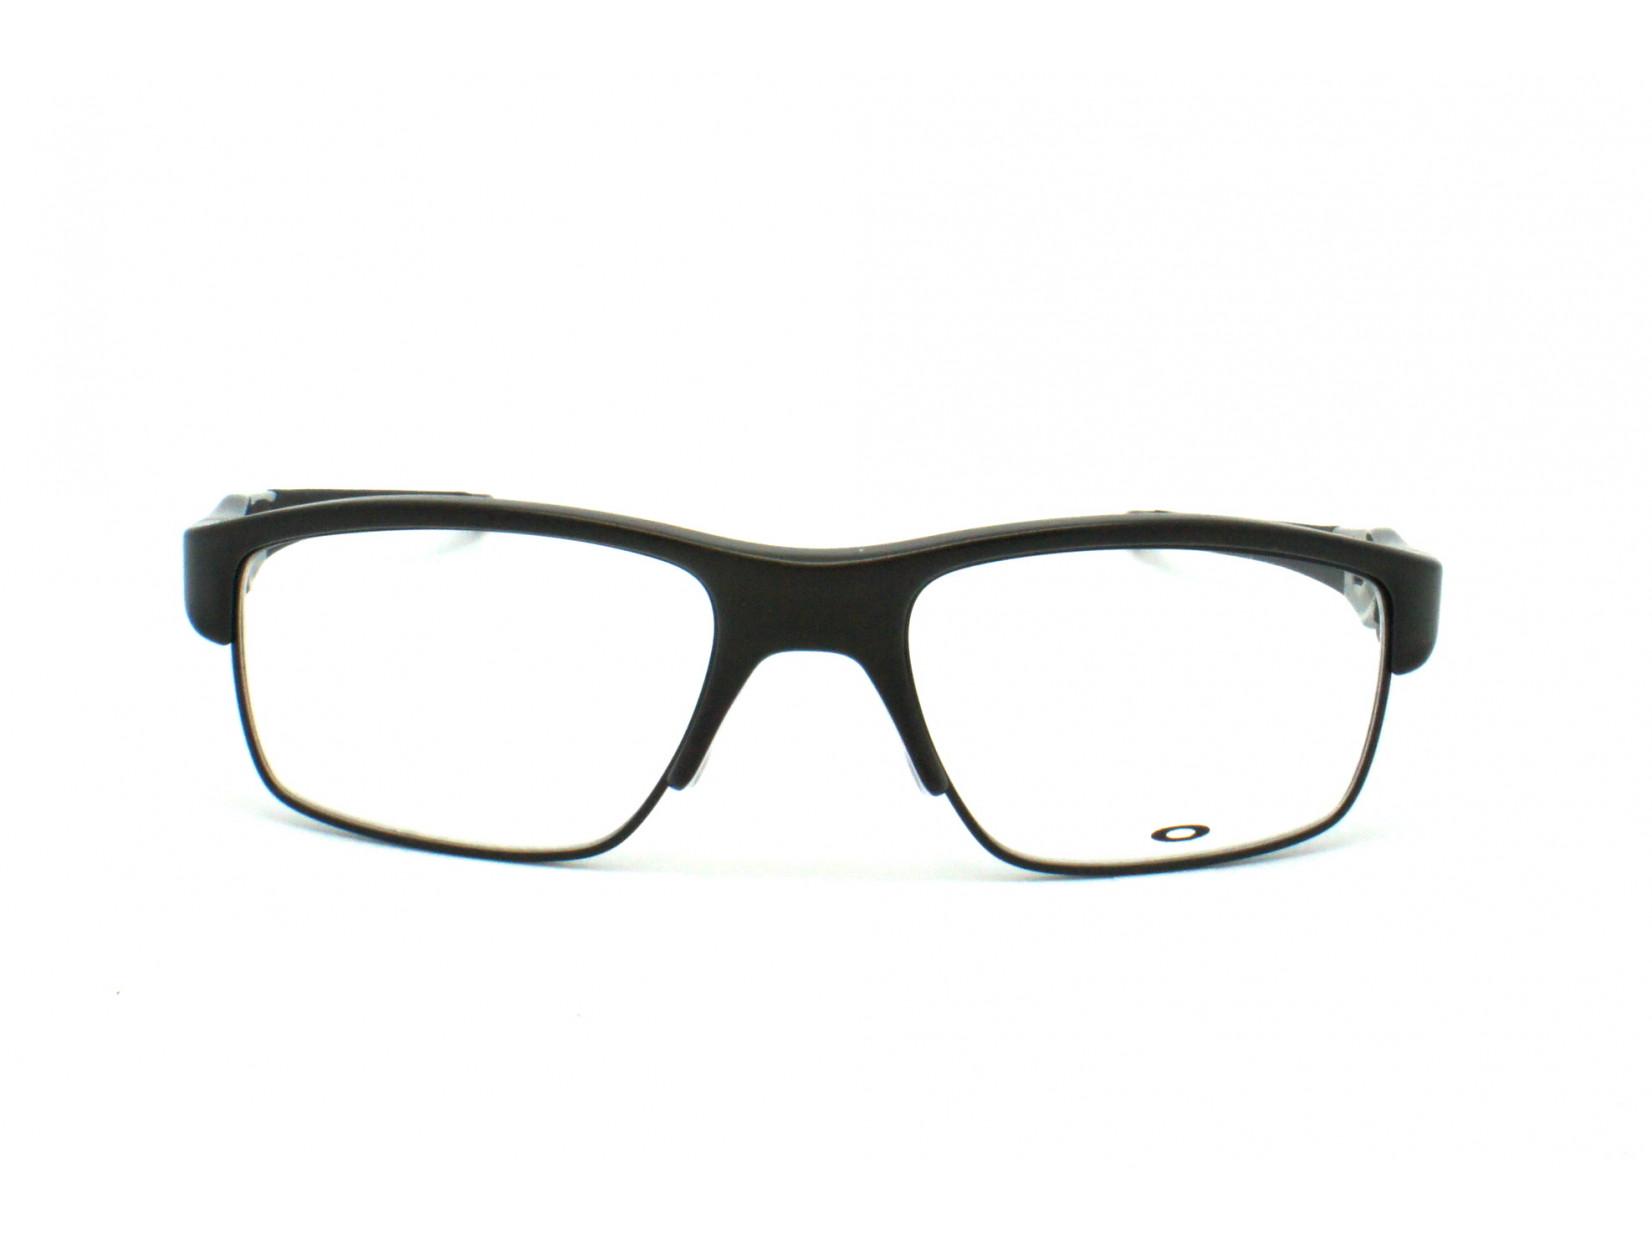 Lunettes de vue pour homme OAKLEY Noir OX 3128-01 CROSSLINK SWITCH 53 18 3421508f79fa